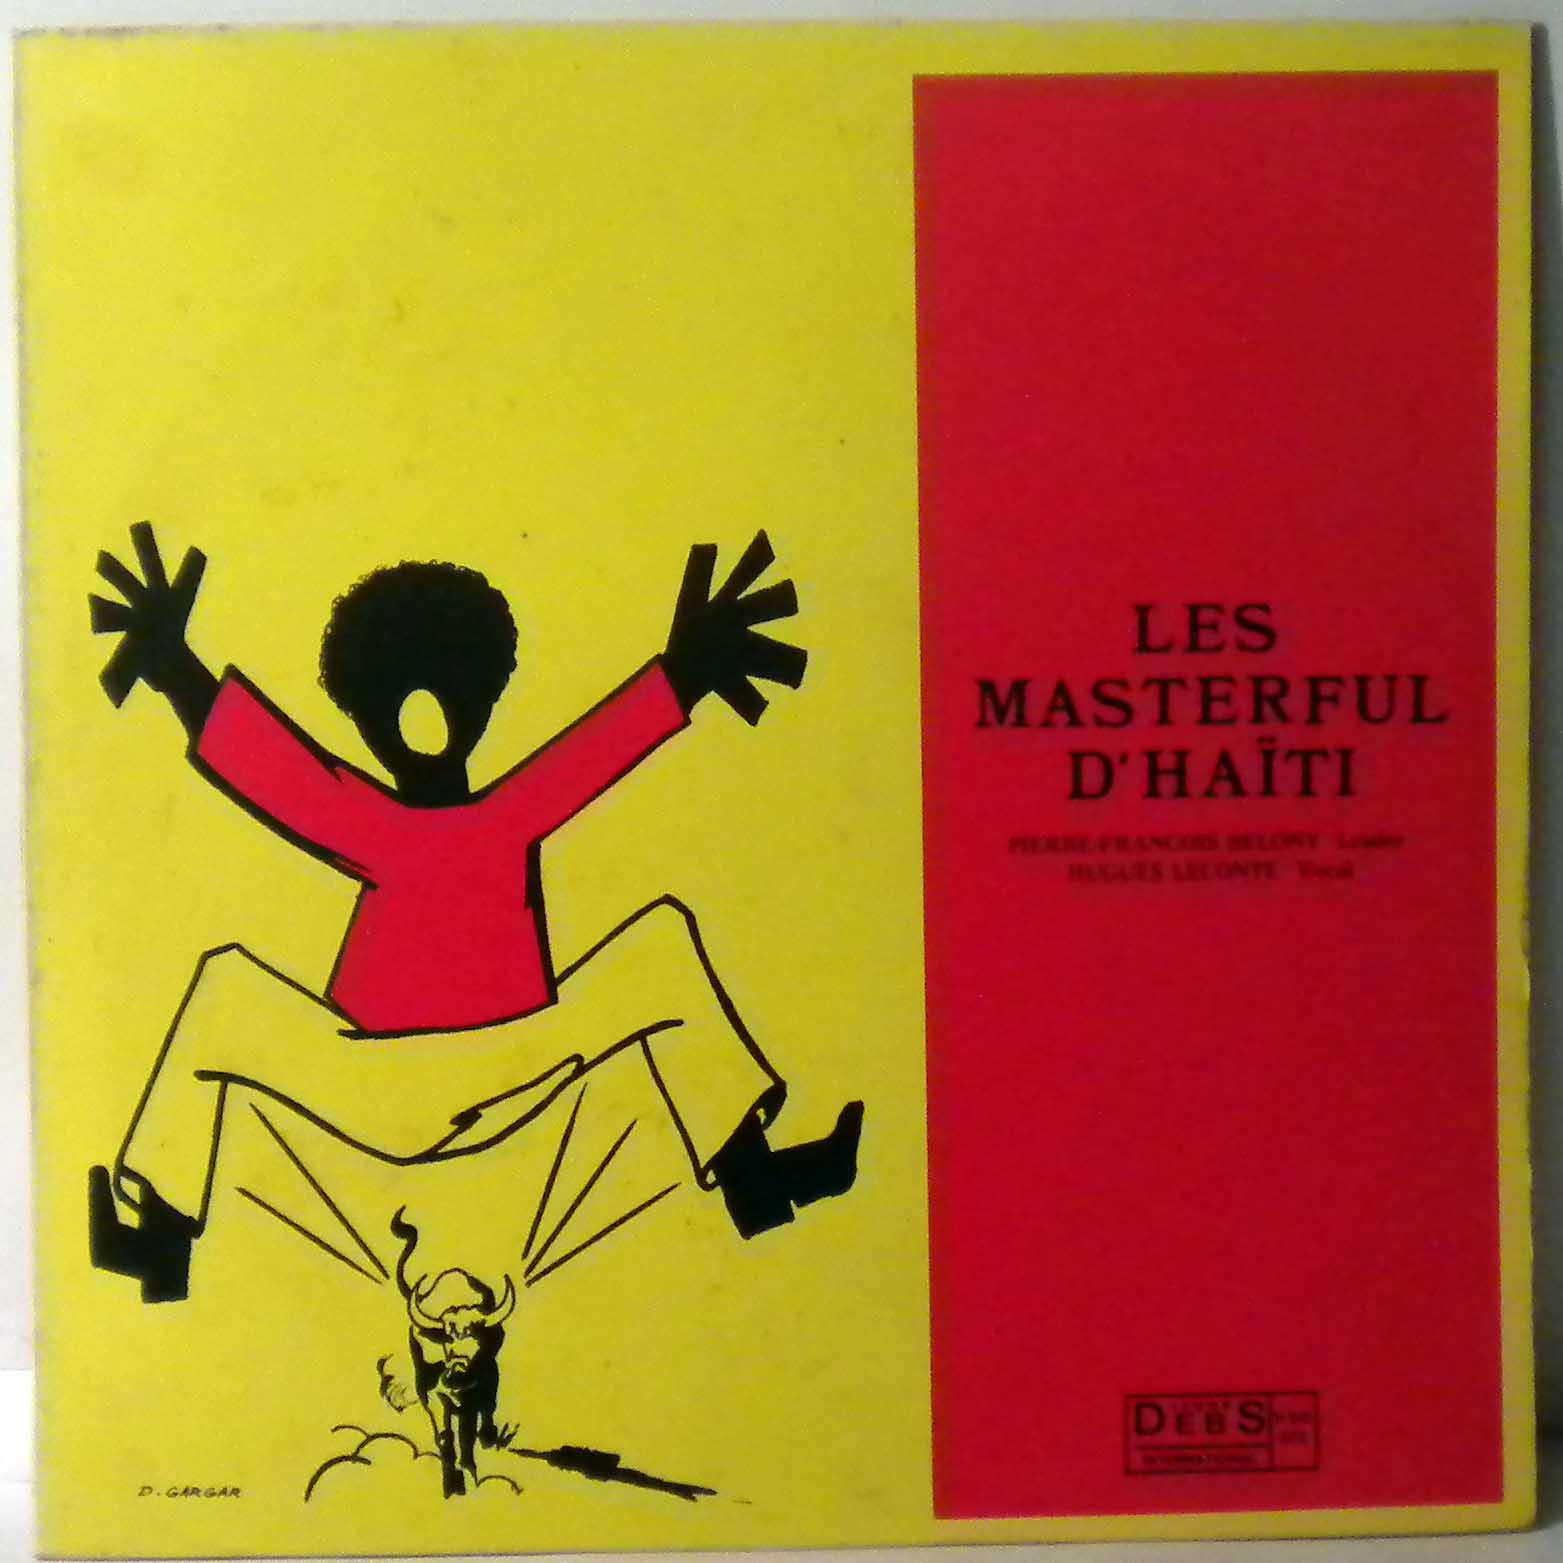 LES MASTERFUL D'HAITI - Same - LP